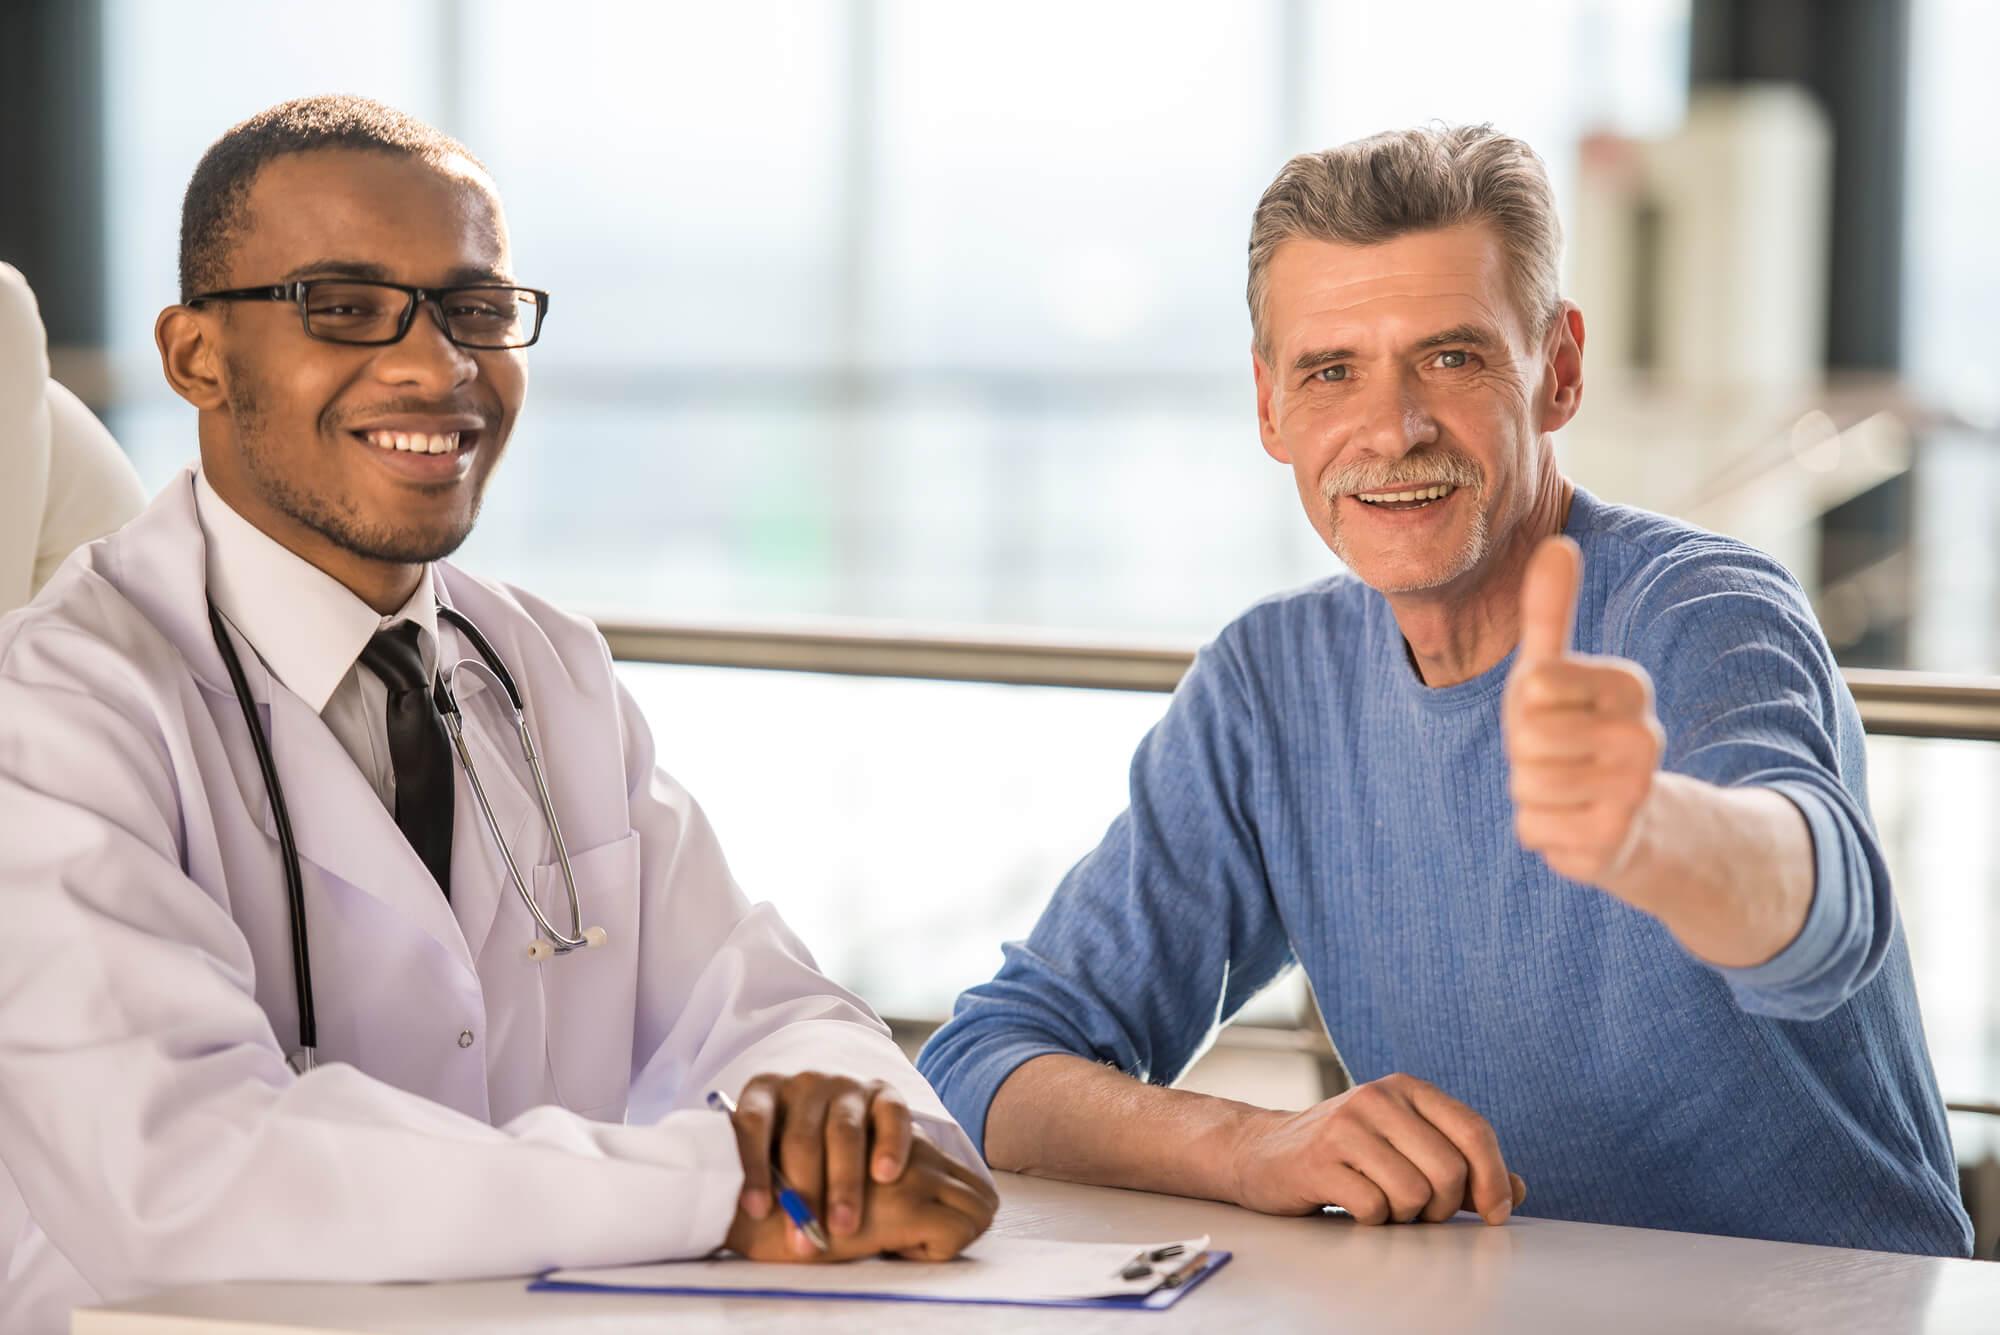 Como eo exame de prostata